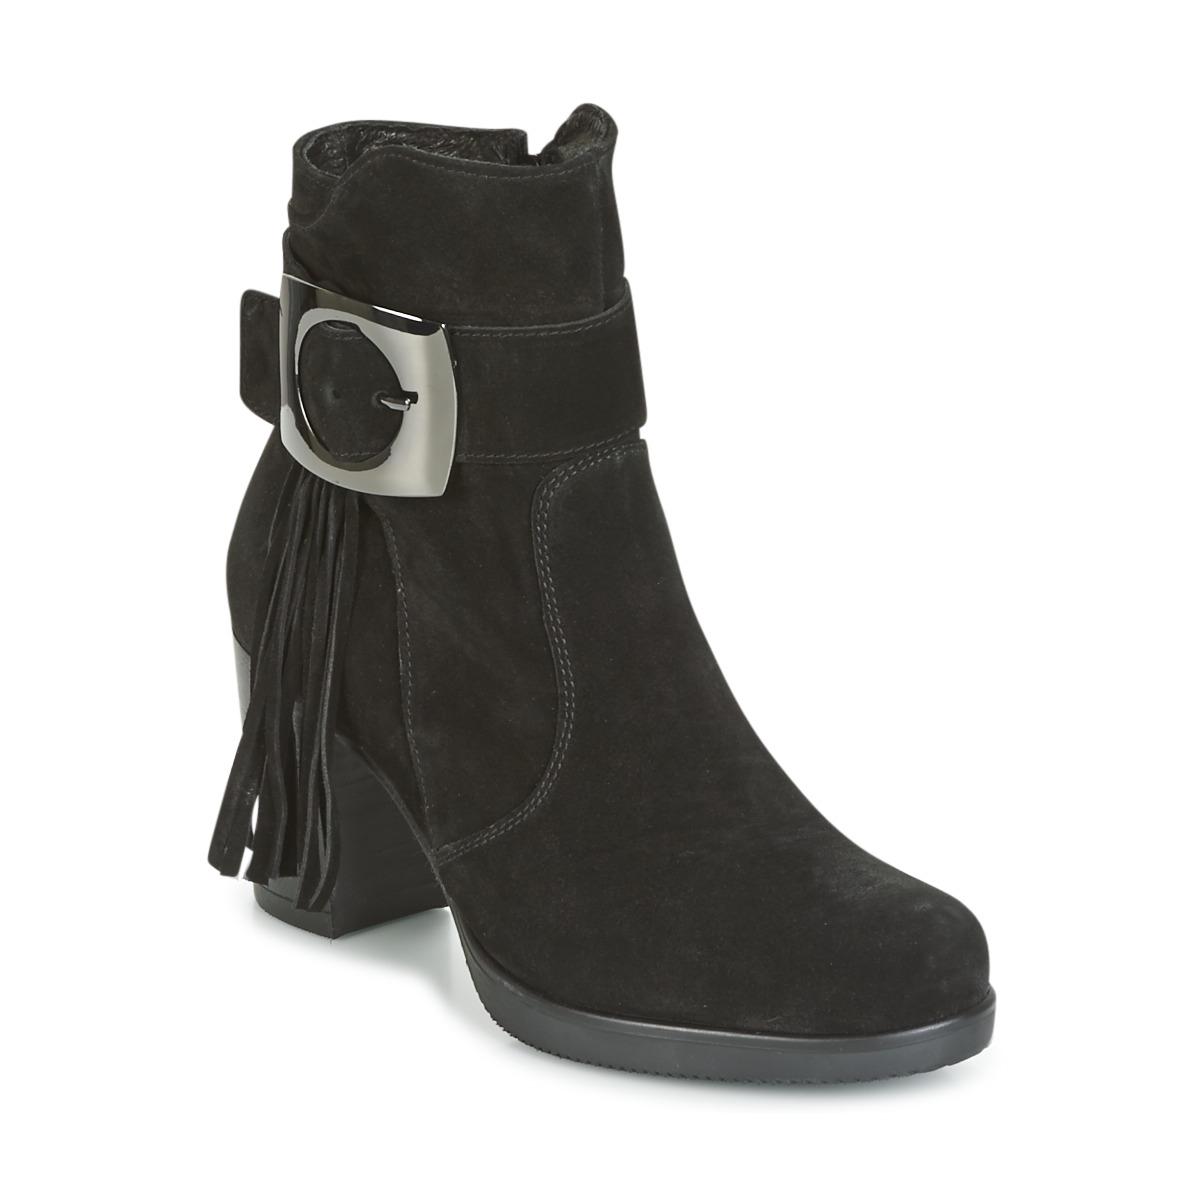 Samoa MARIEL Schwarz - Kostenloser Versand bei Spartoode ! - Schuhe Low Boots Damen 104,30 €